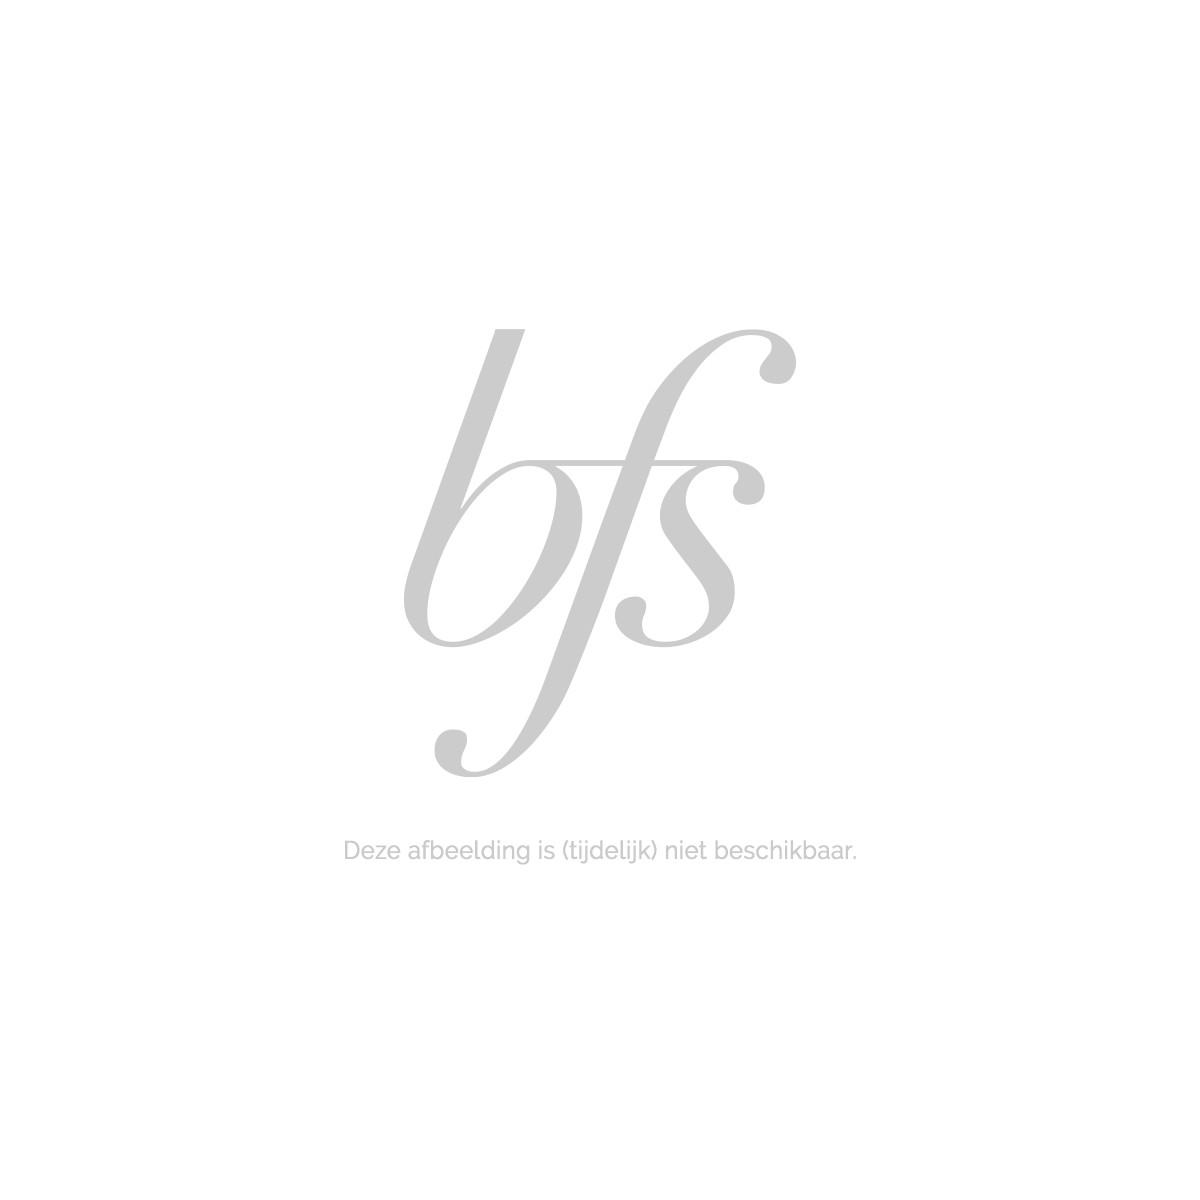 Estee Lauder Sumptuous Infinite Mascara 13,80 Ml